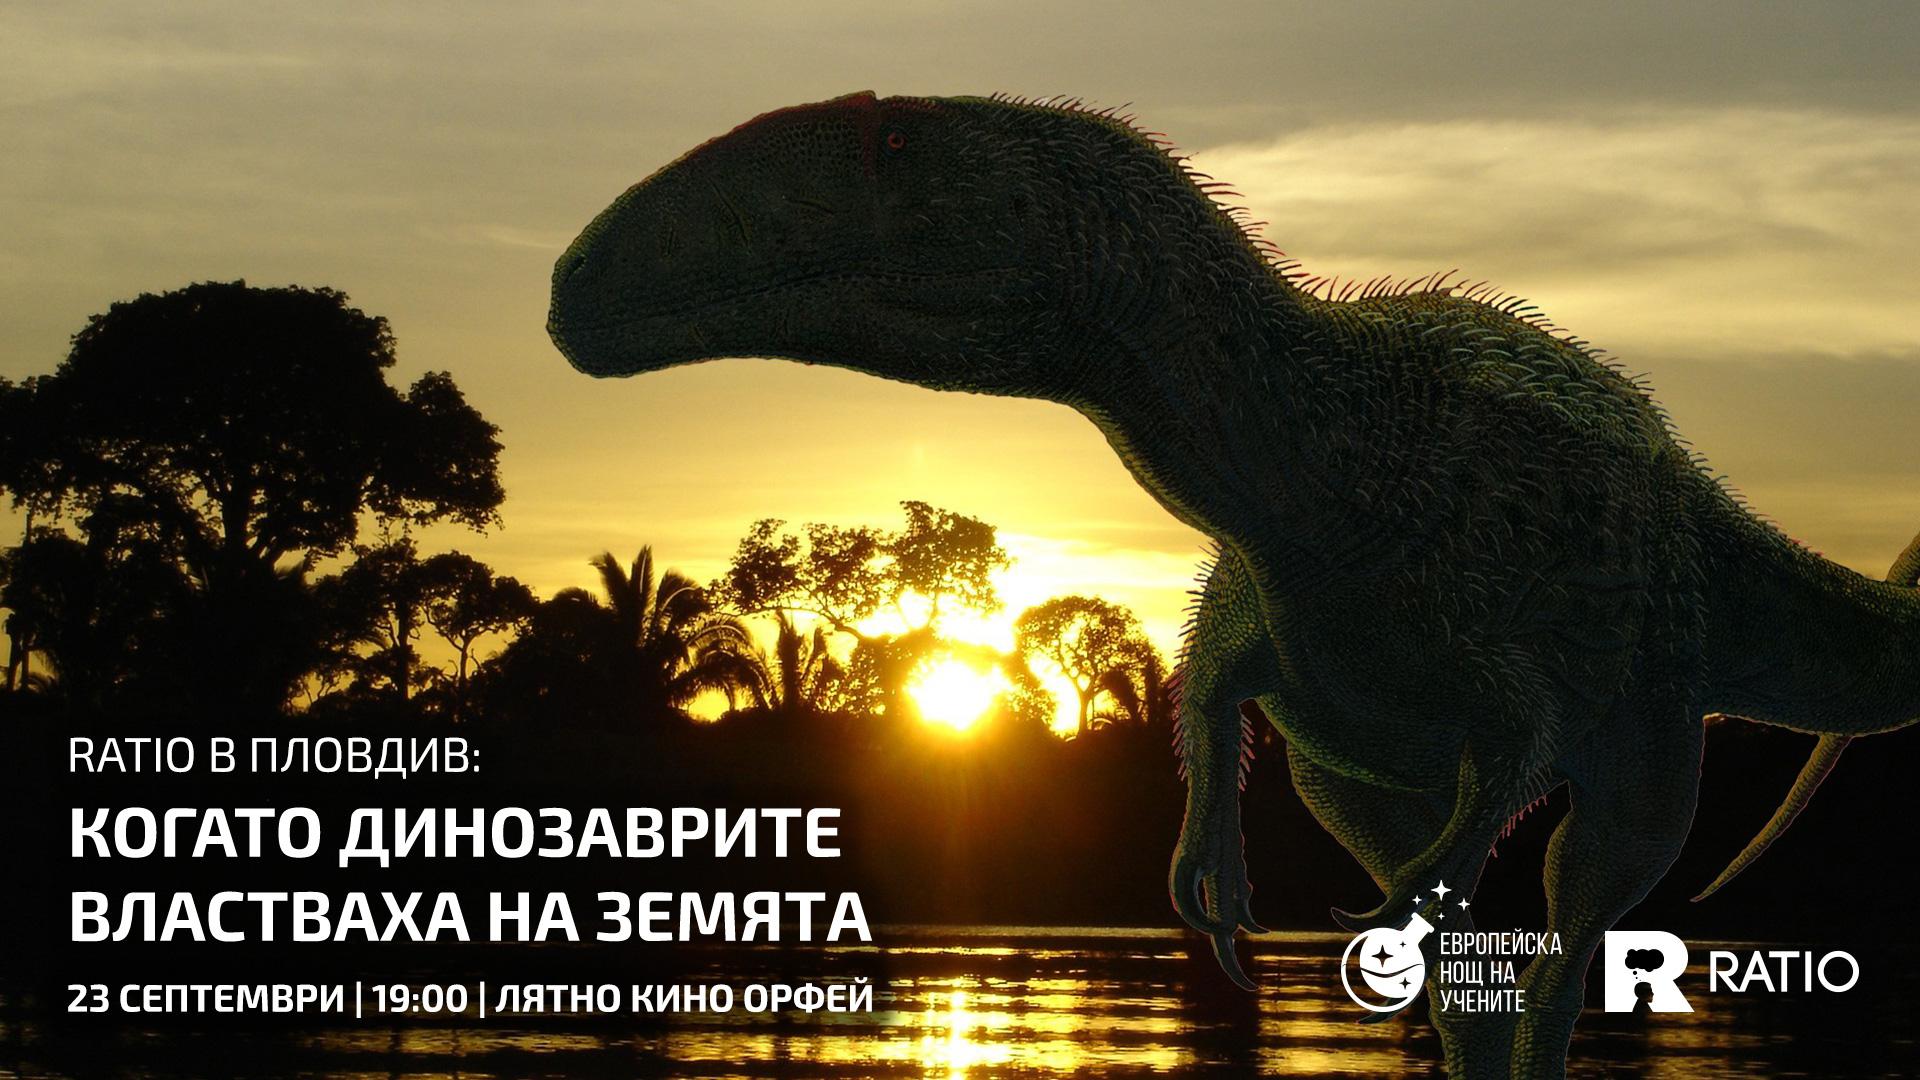 Ratio представя: Когато динозаврите властваха (Пловдив)